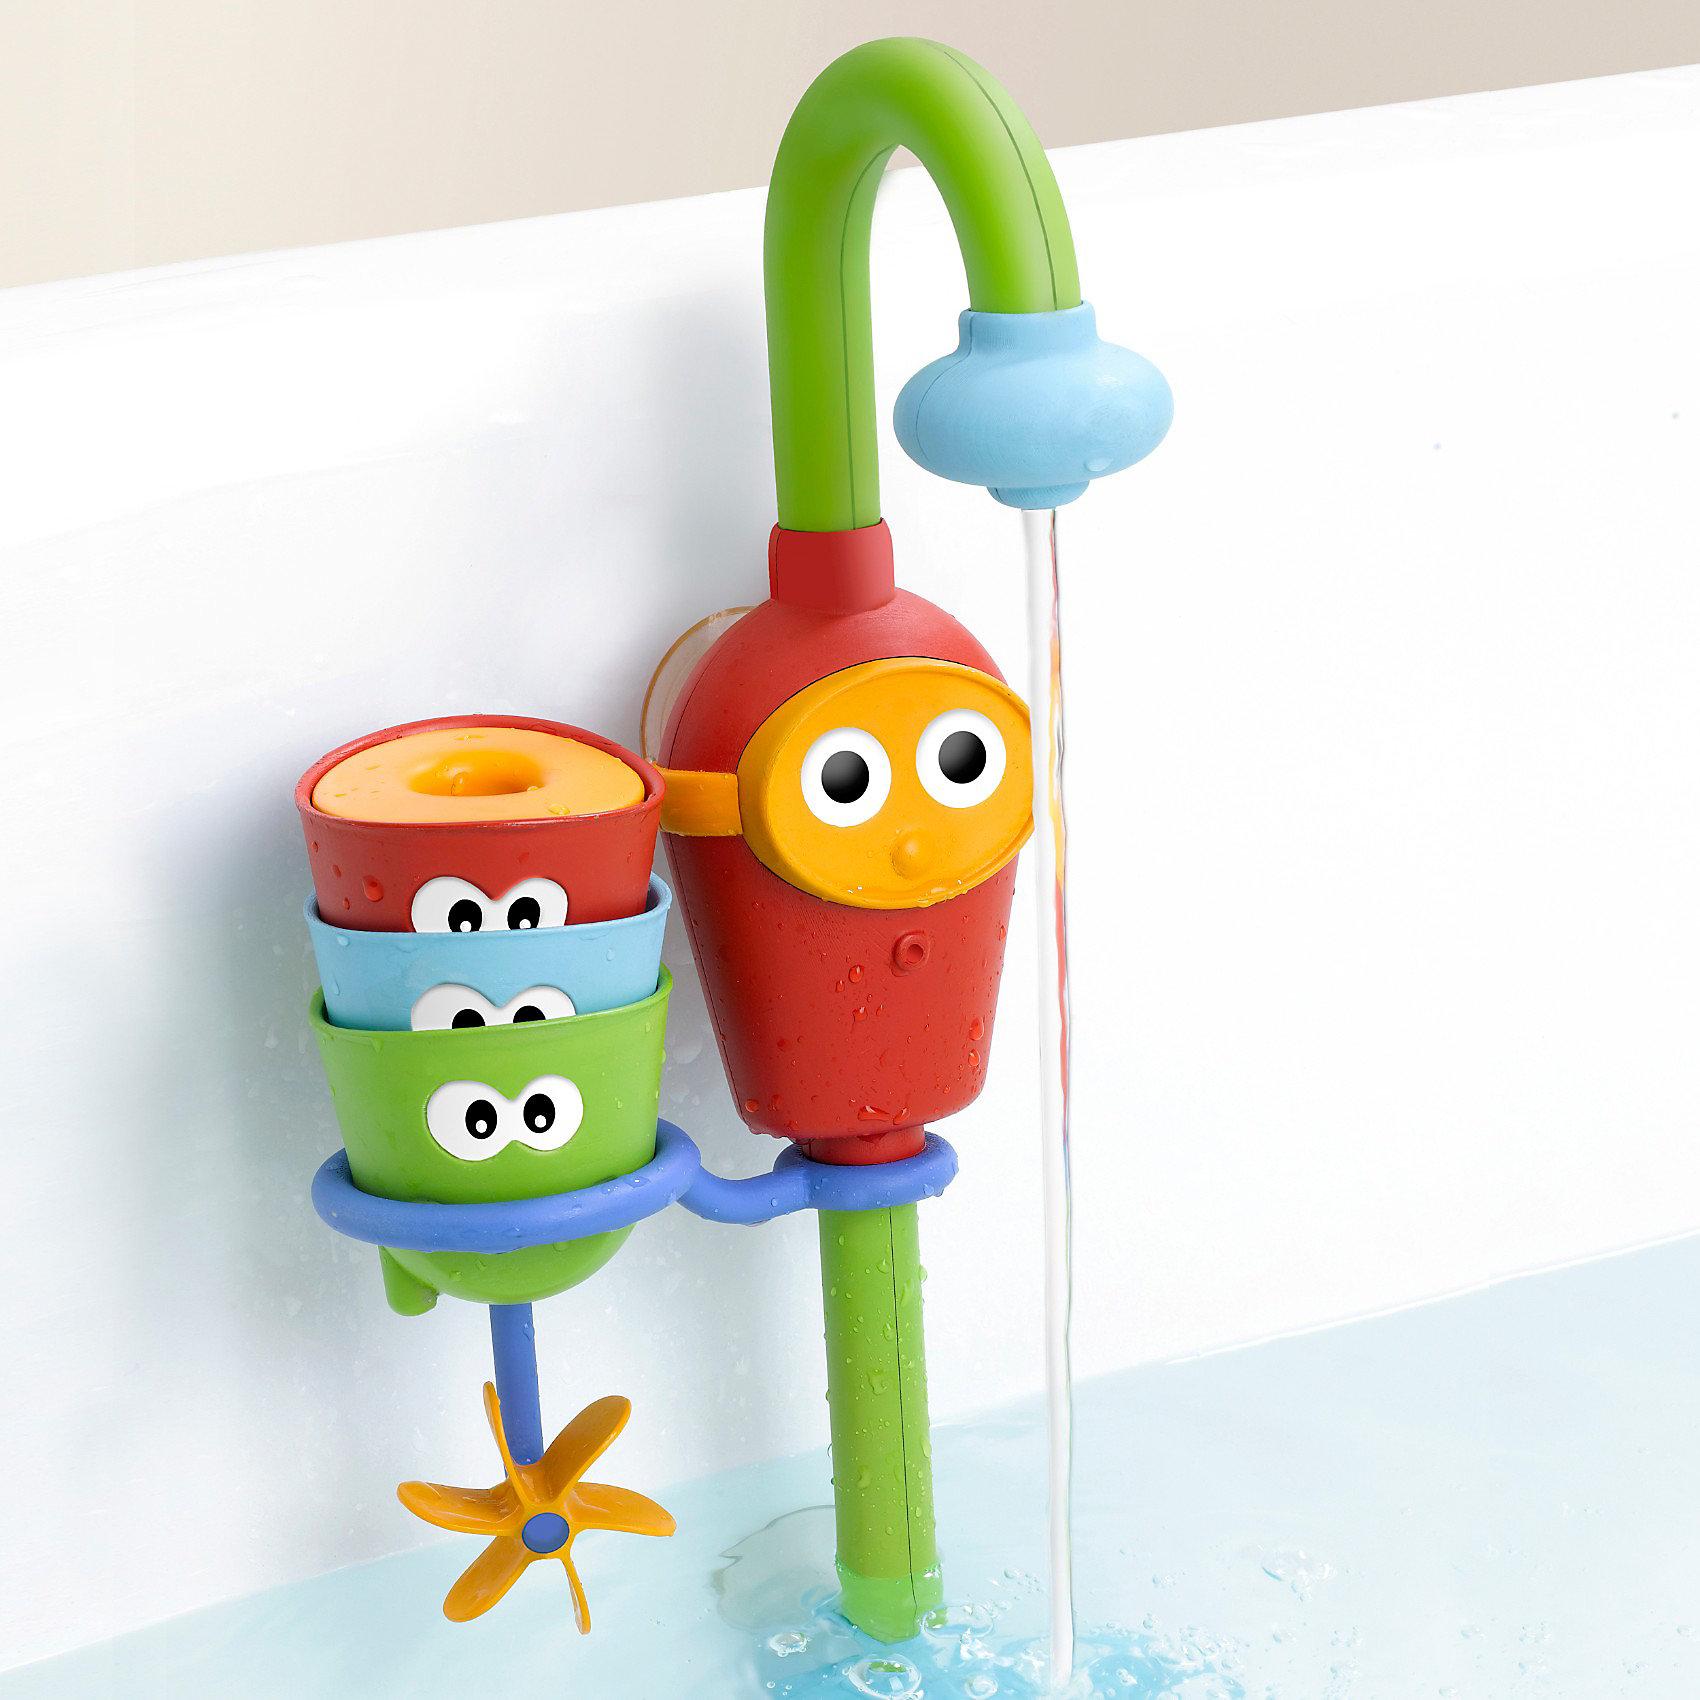 Водная игрушка Волшебный кран, Yookidoo•«Волшебный кран» легко крепится к стенкам ванной с помощью 2 прочных присосок и, забирая воду из ванной, создает постоянный поток воды<br>•В наборе: красочный кран, 3 забавные формочки с глазками (ситечко, формочка с вращающимися лопастями и формочка-сюрприз с поплавком)<br>•Игрушка способствует развитию воображения, восприятию формы и цвета, тренирует внимание и память<br>•Легко управлять. Специально разработано для маленьких детских ручек. Работает от 3батареек АА(не входят в комплект)<br><br>Ширина мм: 393<br>Глубина мм: 187<br>Высота мм: 97<br>Вес г: 547<br>Возраст от месяцев: 9<br>Возраст до месяцев: 36<br>Пол: Унисекс<br>Возраст: Детский<br>SKU: 2528510